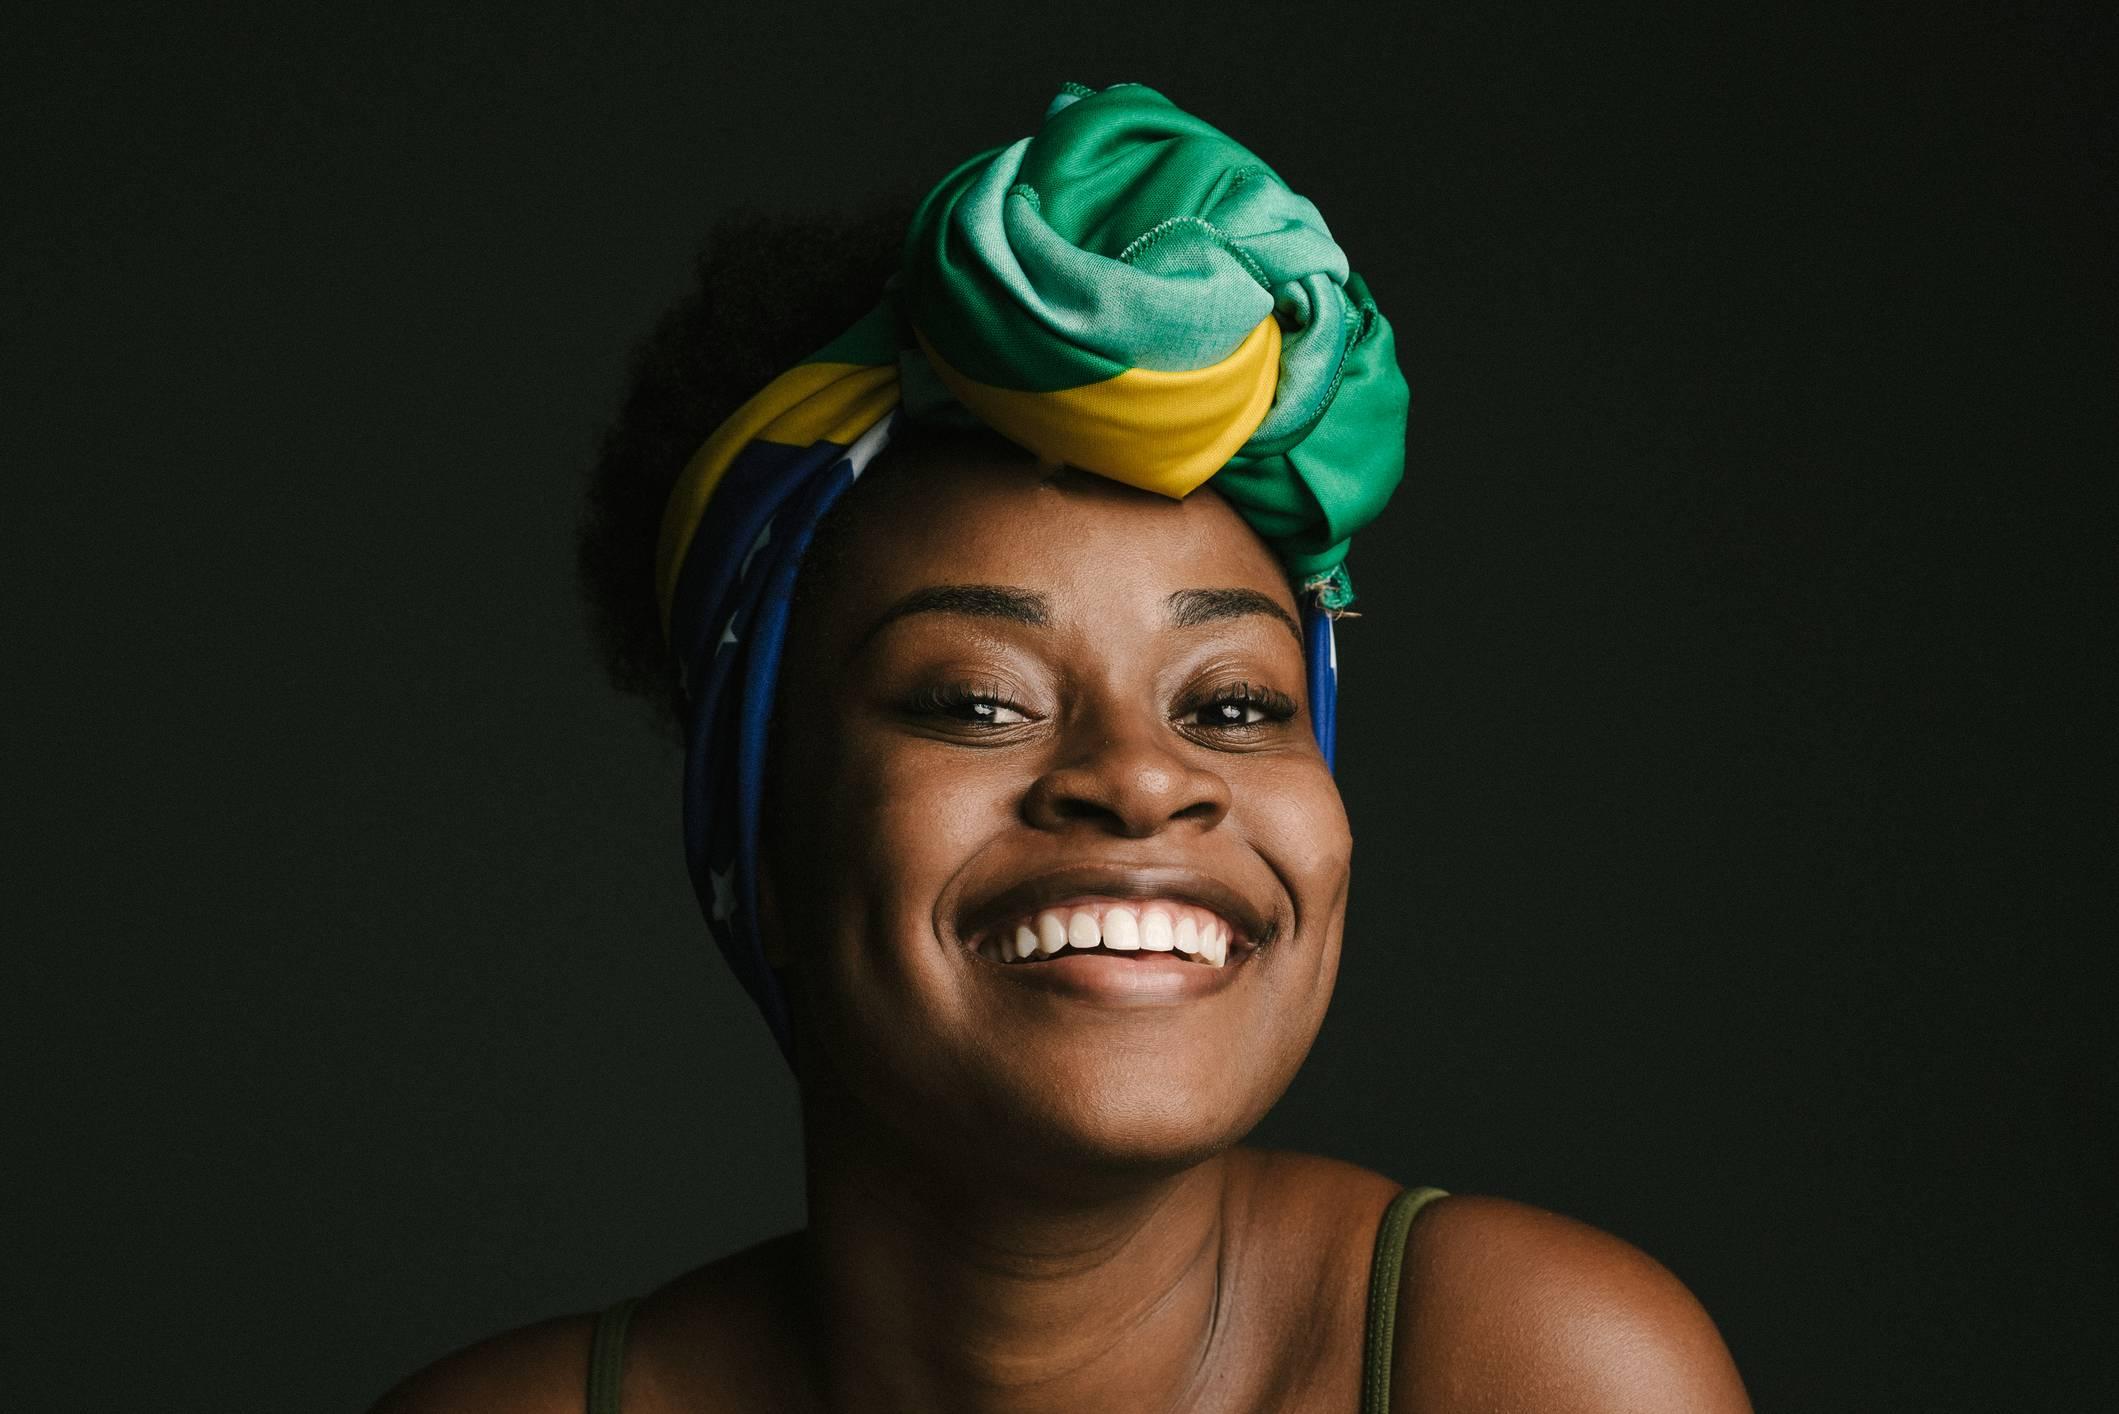 www.juicysantos.com.br - mulher negra representando o brasil